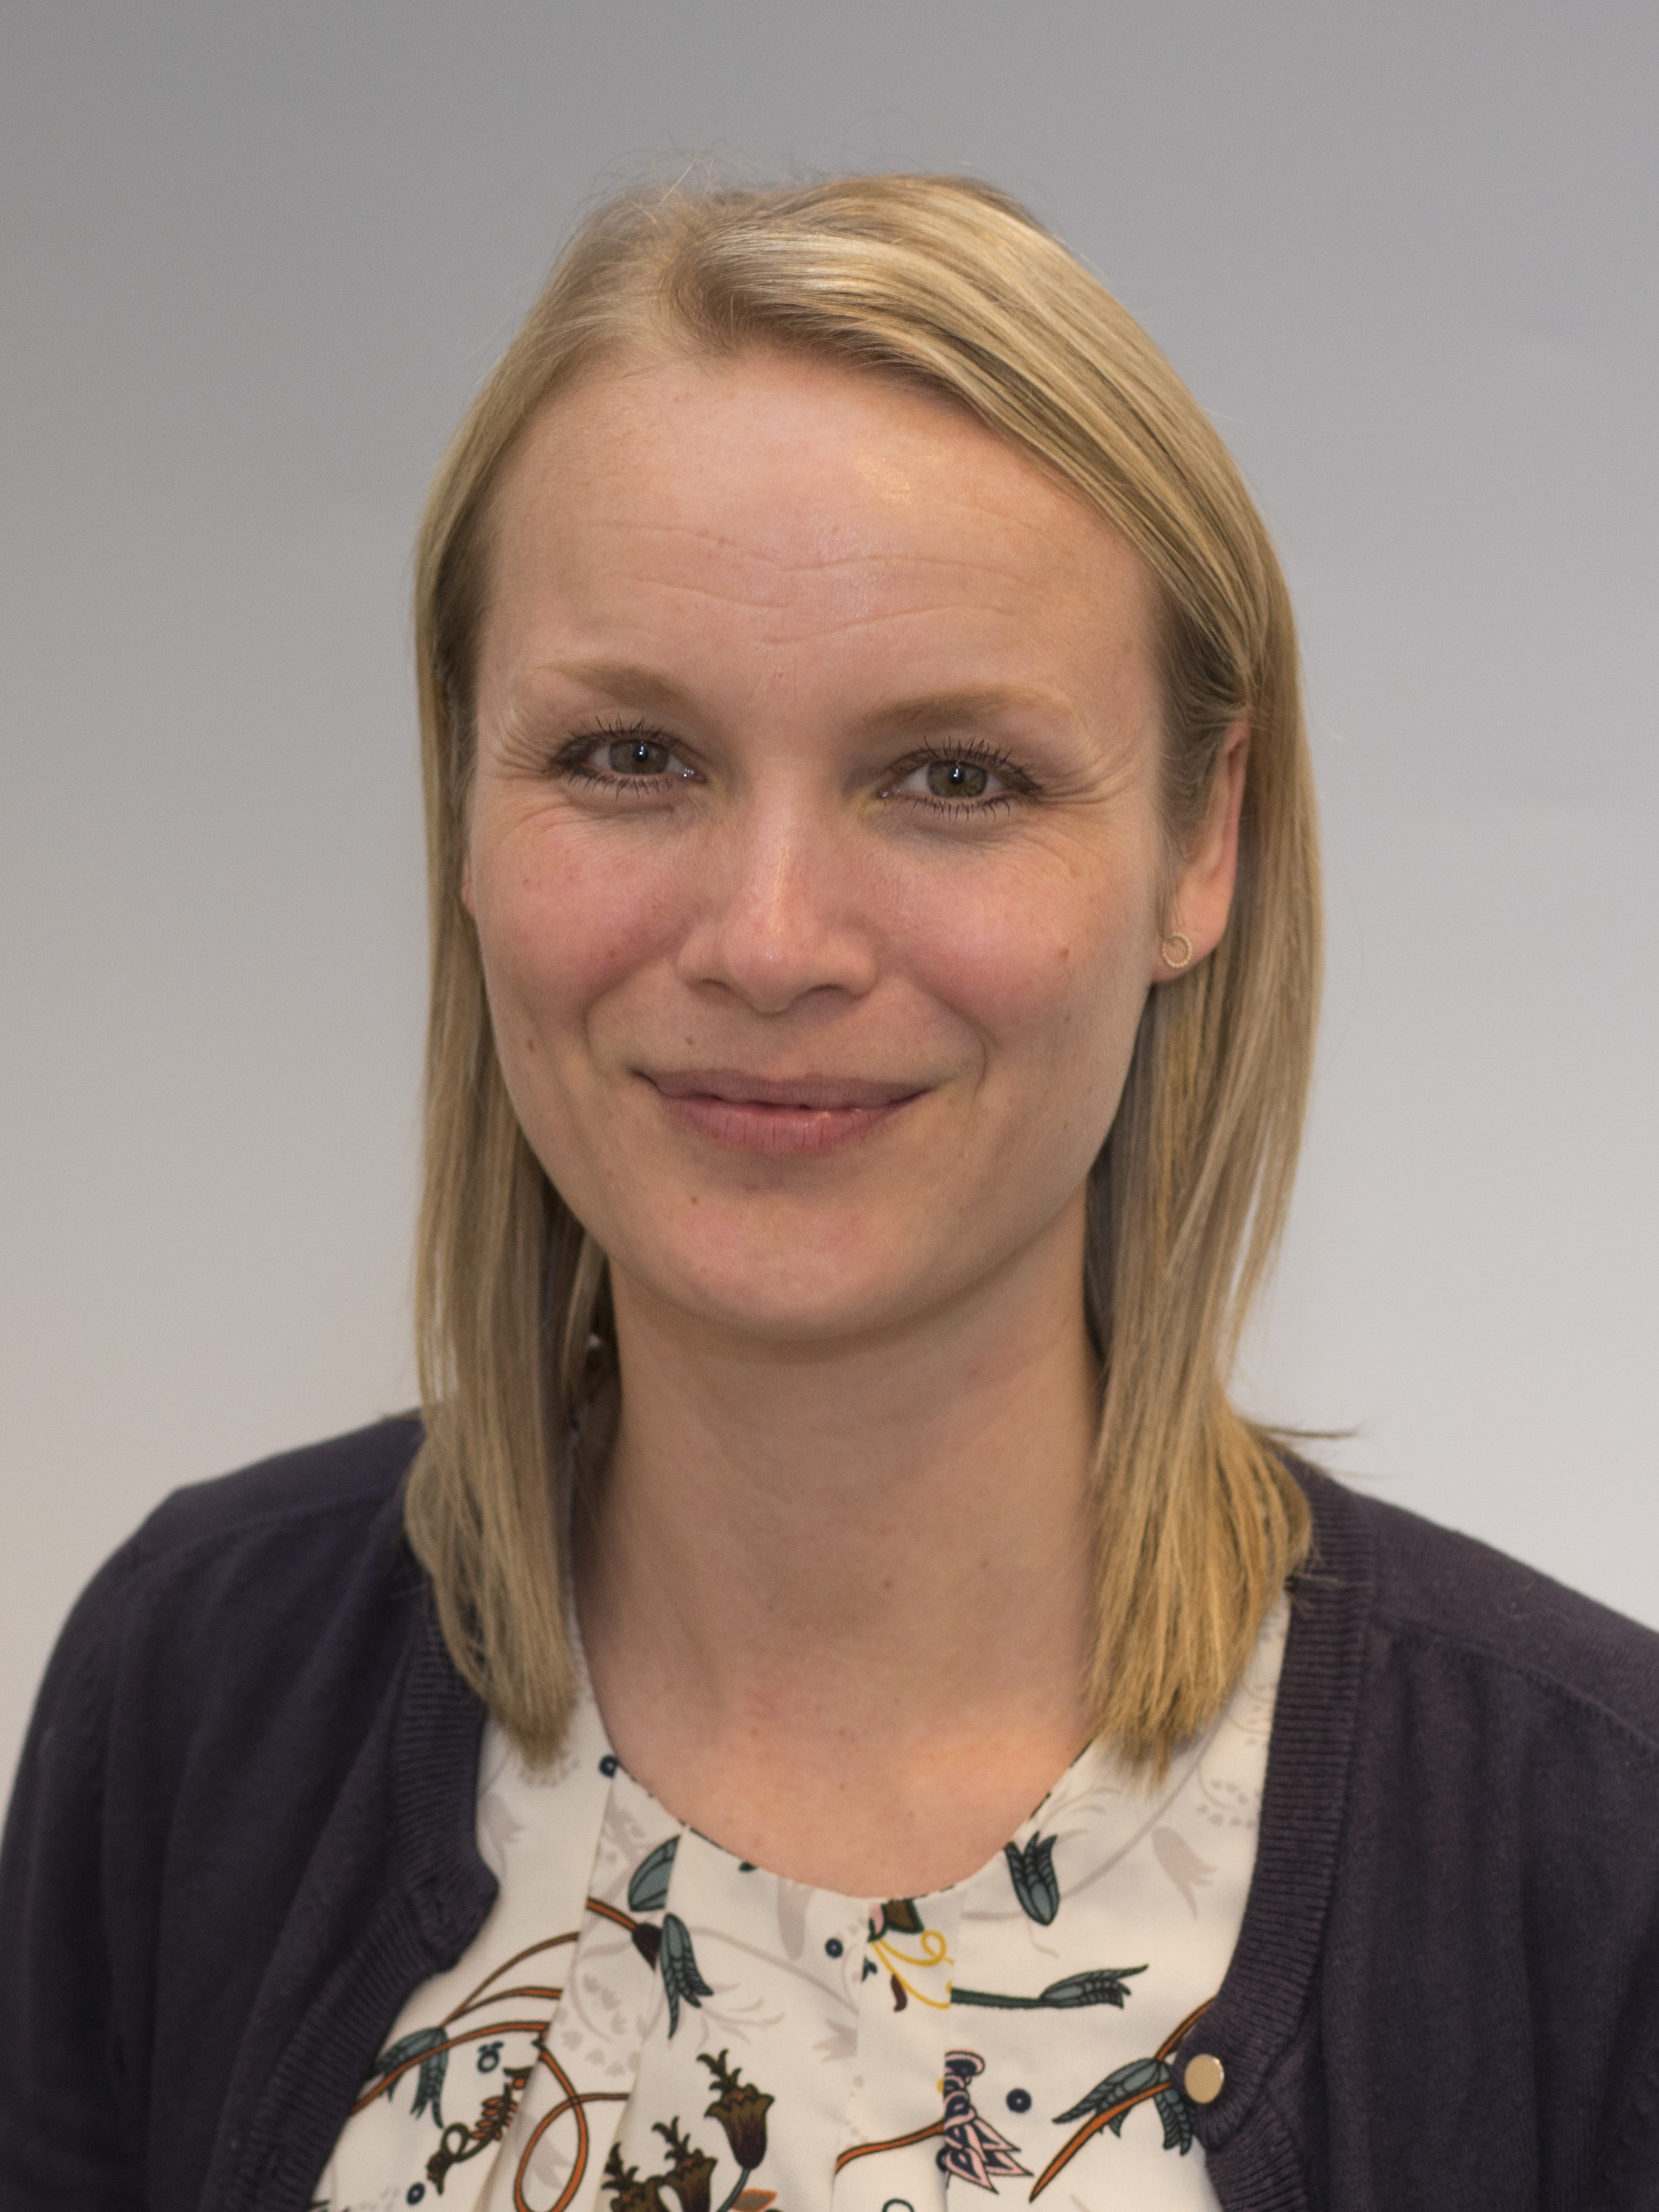 Mia Sørensen